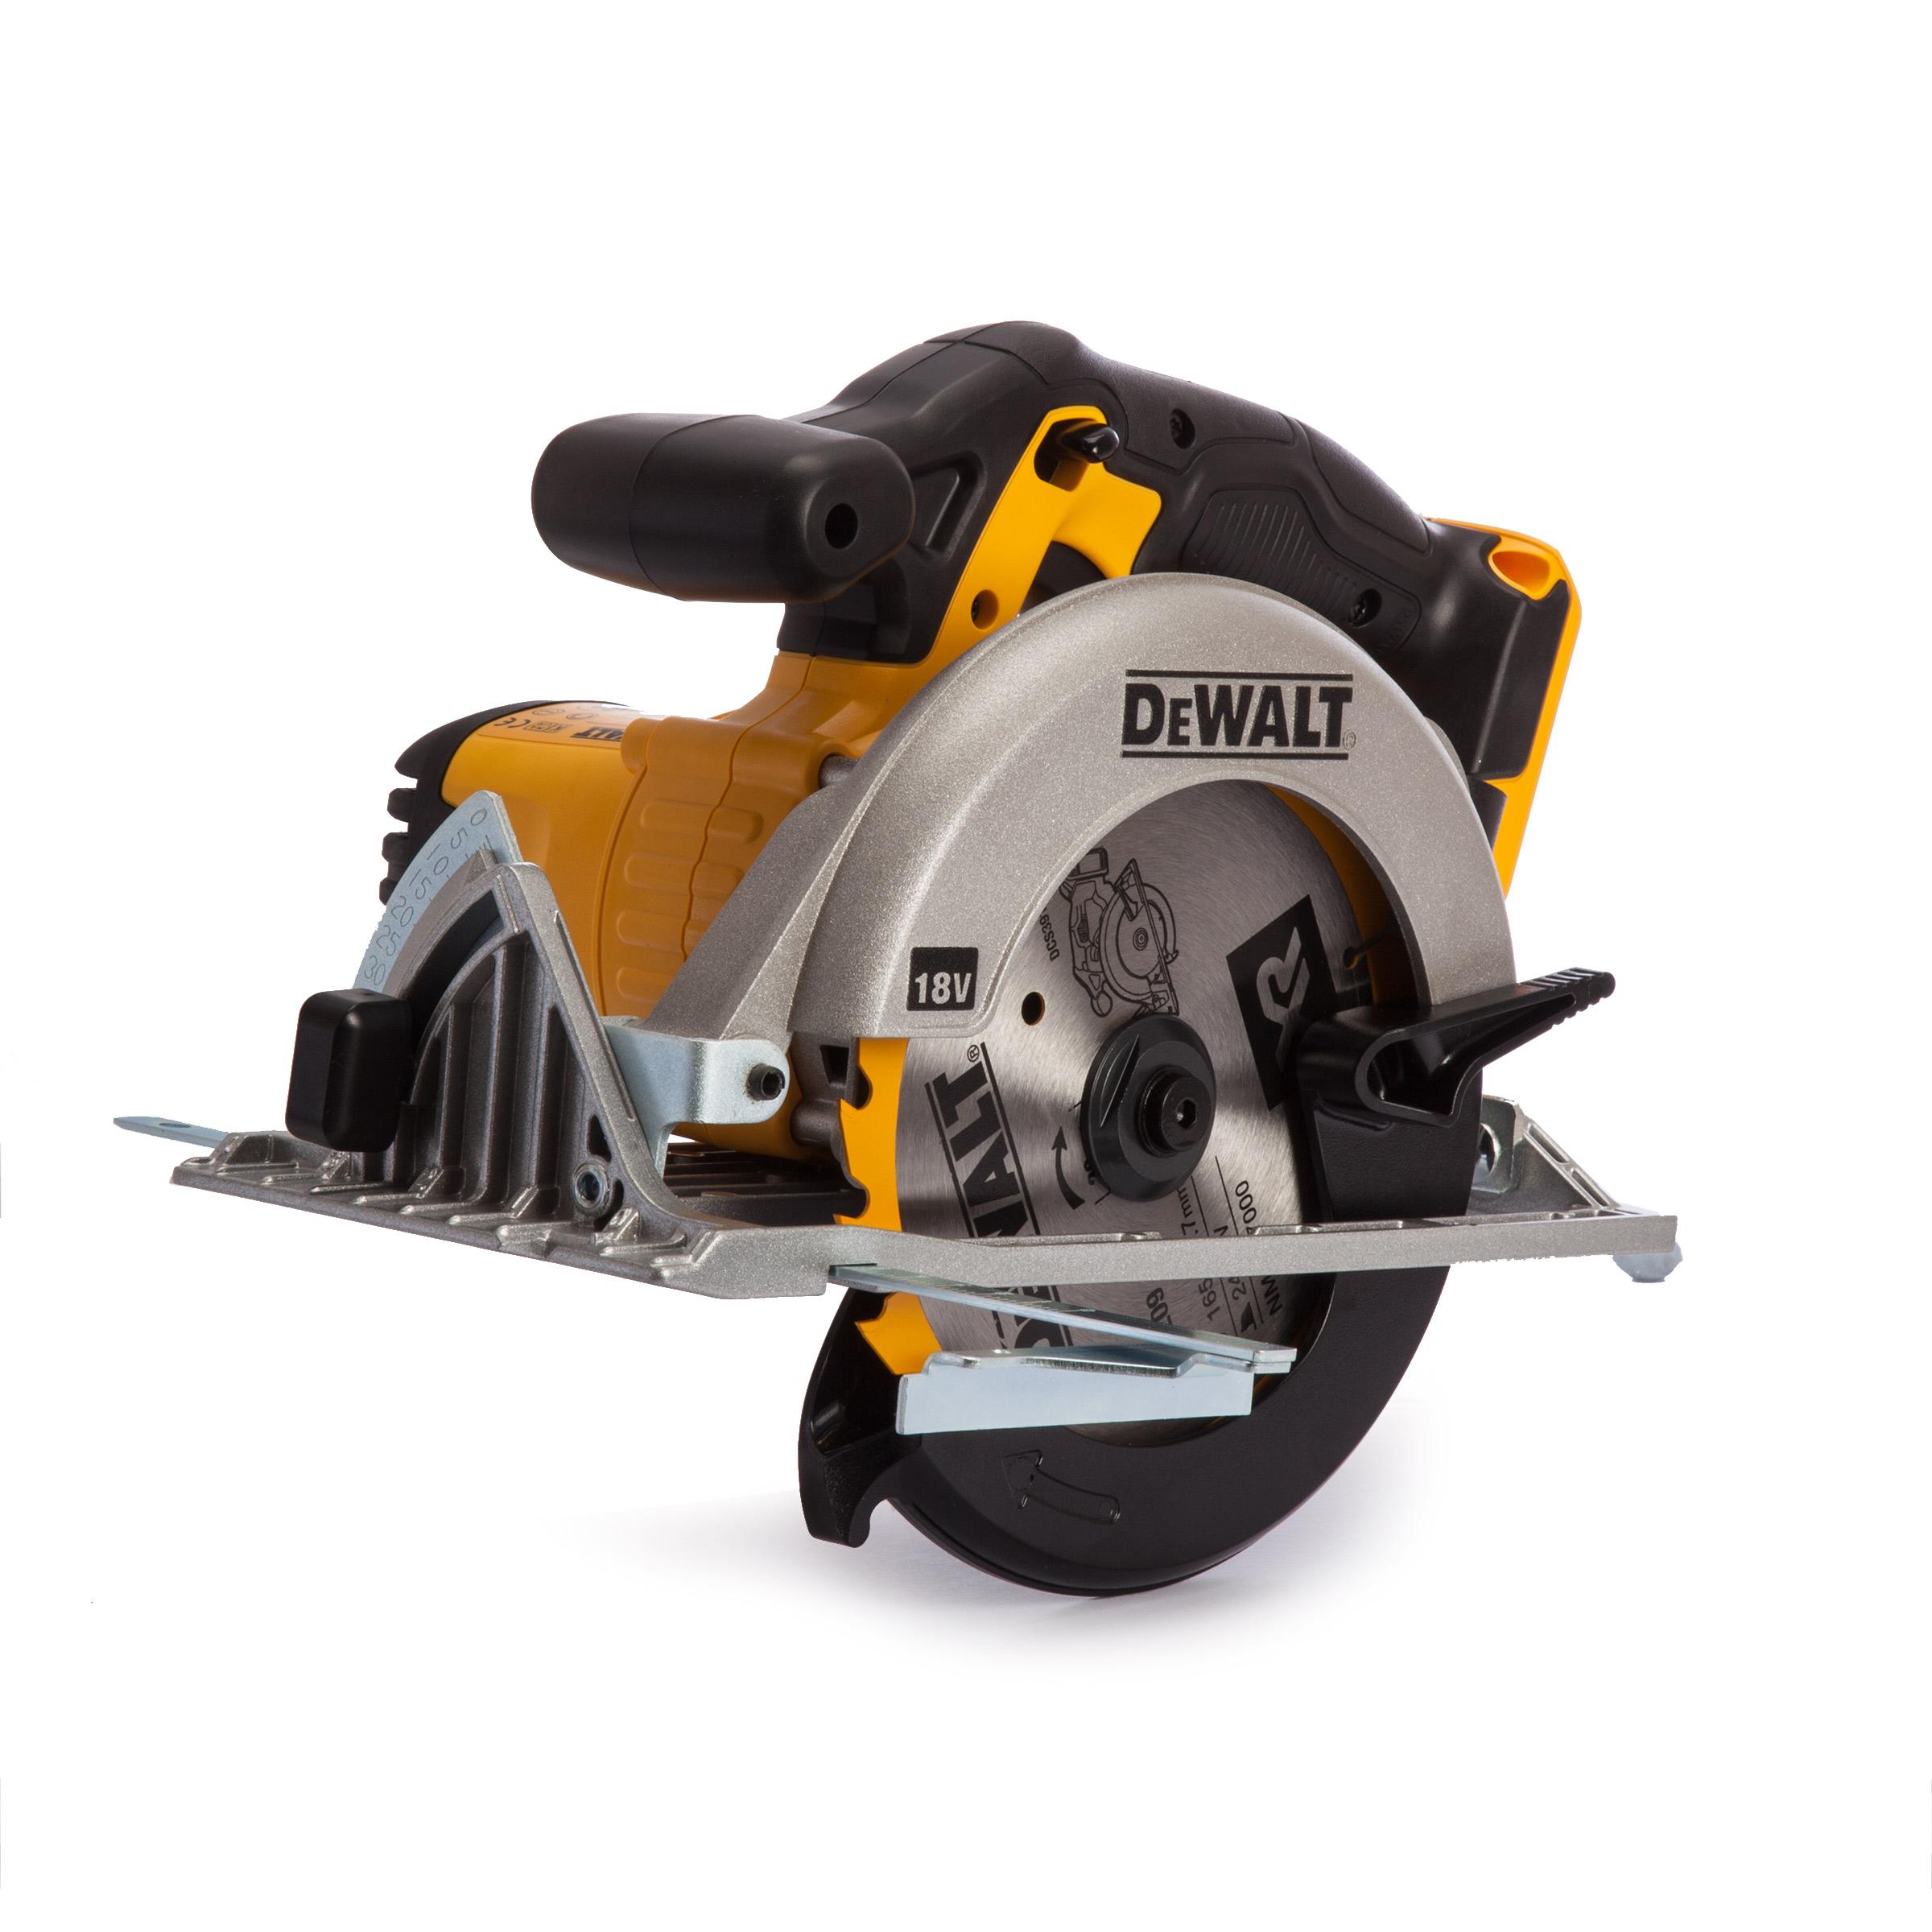 DeWalt 18V XR 165mm Circular Saw - Body Only